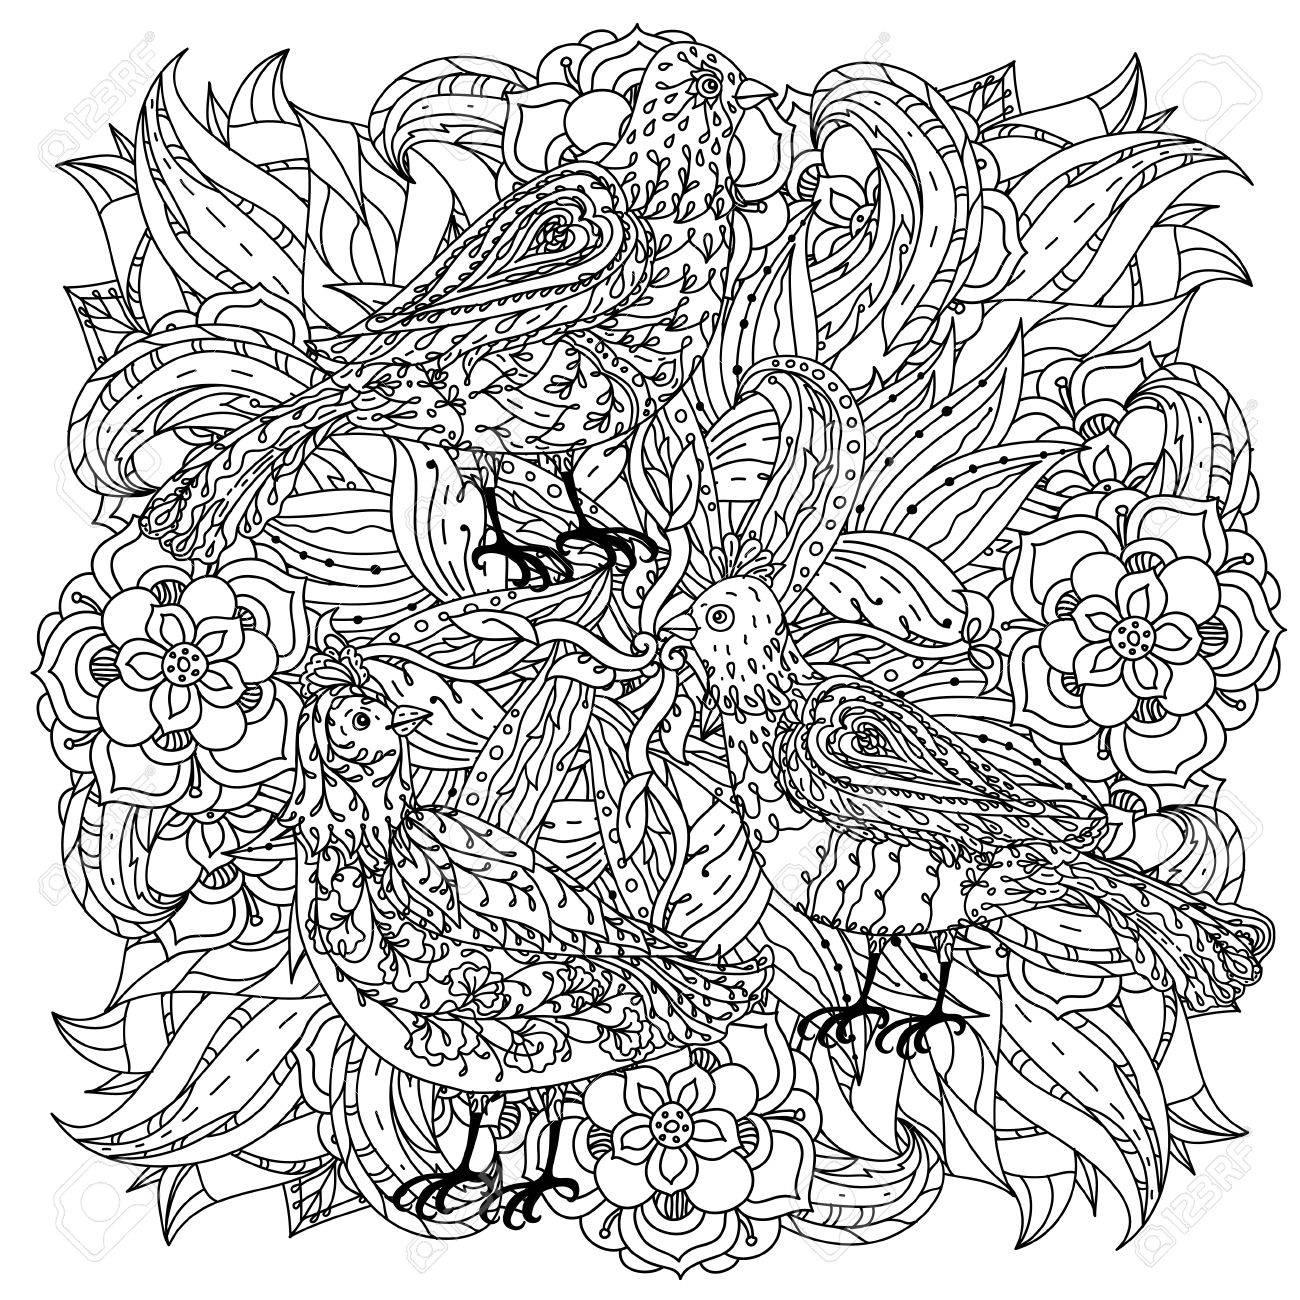 Contorneadas Flores Y Pájaros Forma De Un Mandala Para Colorear De